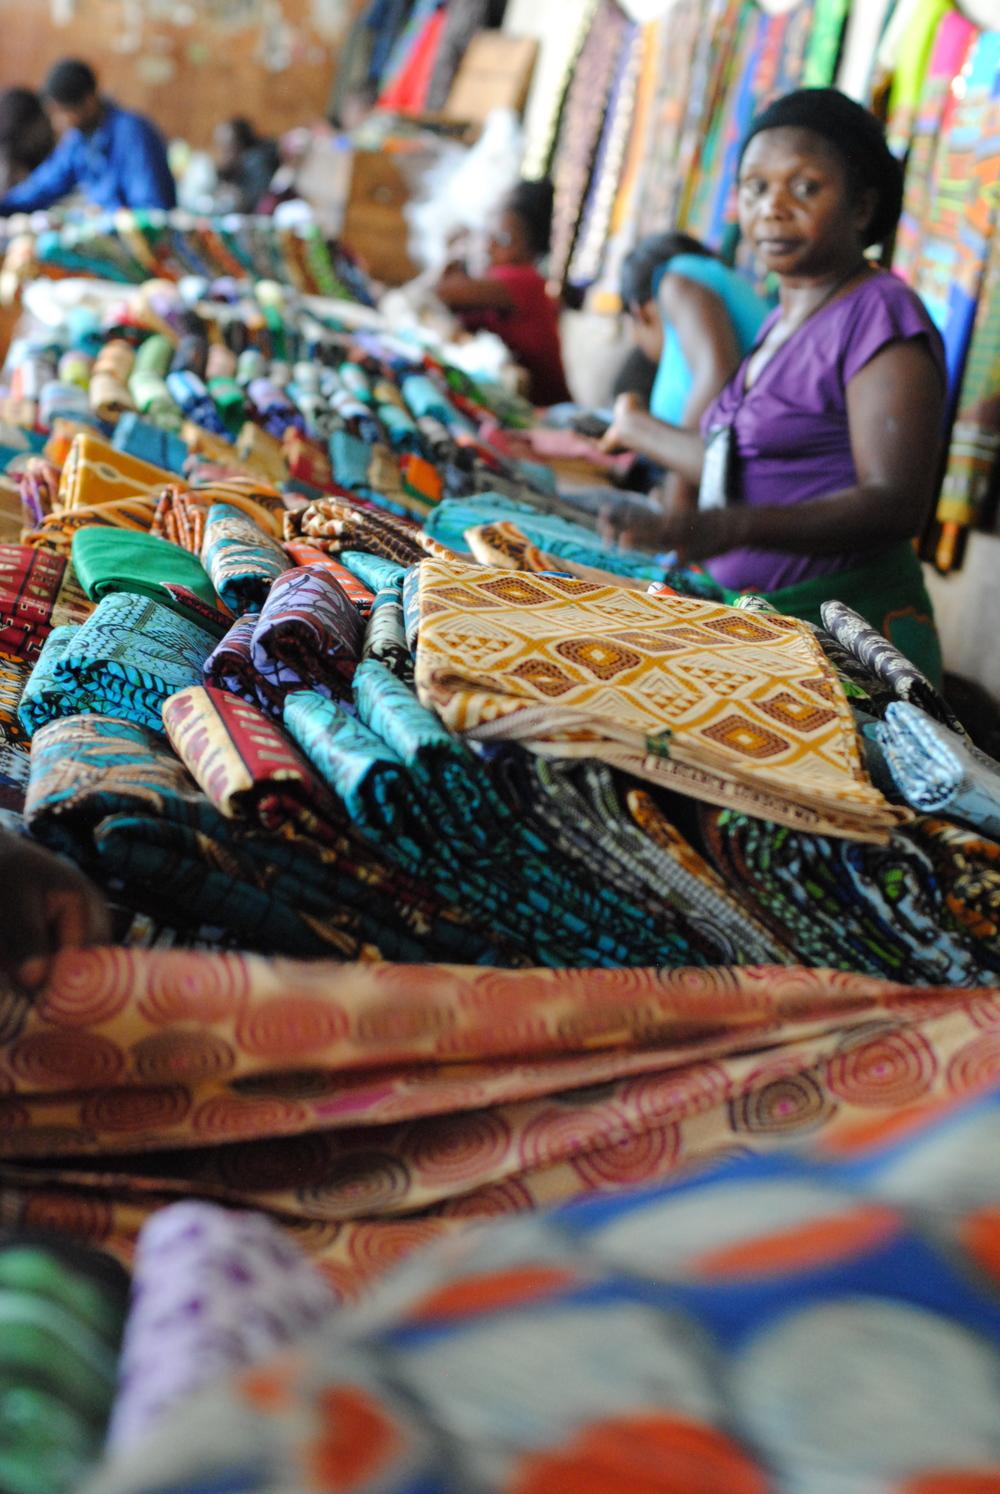 Chitenji vendor in Lilongwe's Old Market